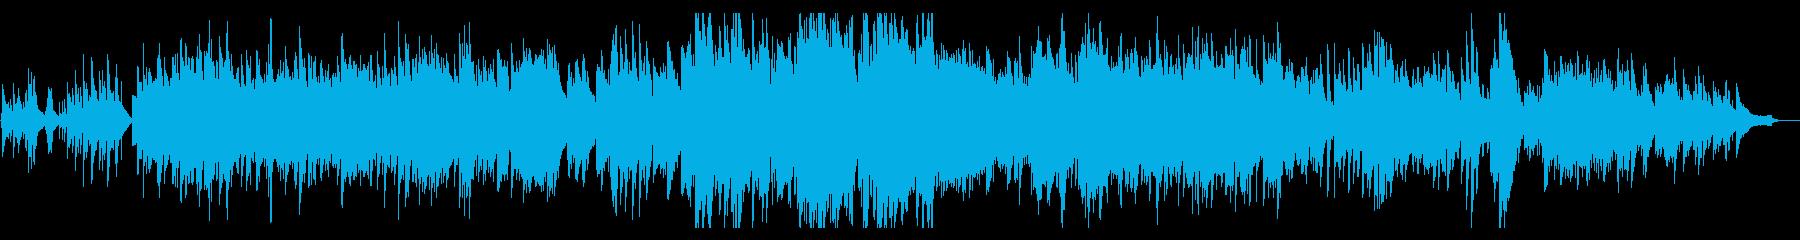 ロマンティックなピアノのバラードの再生済みの波形